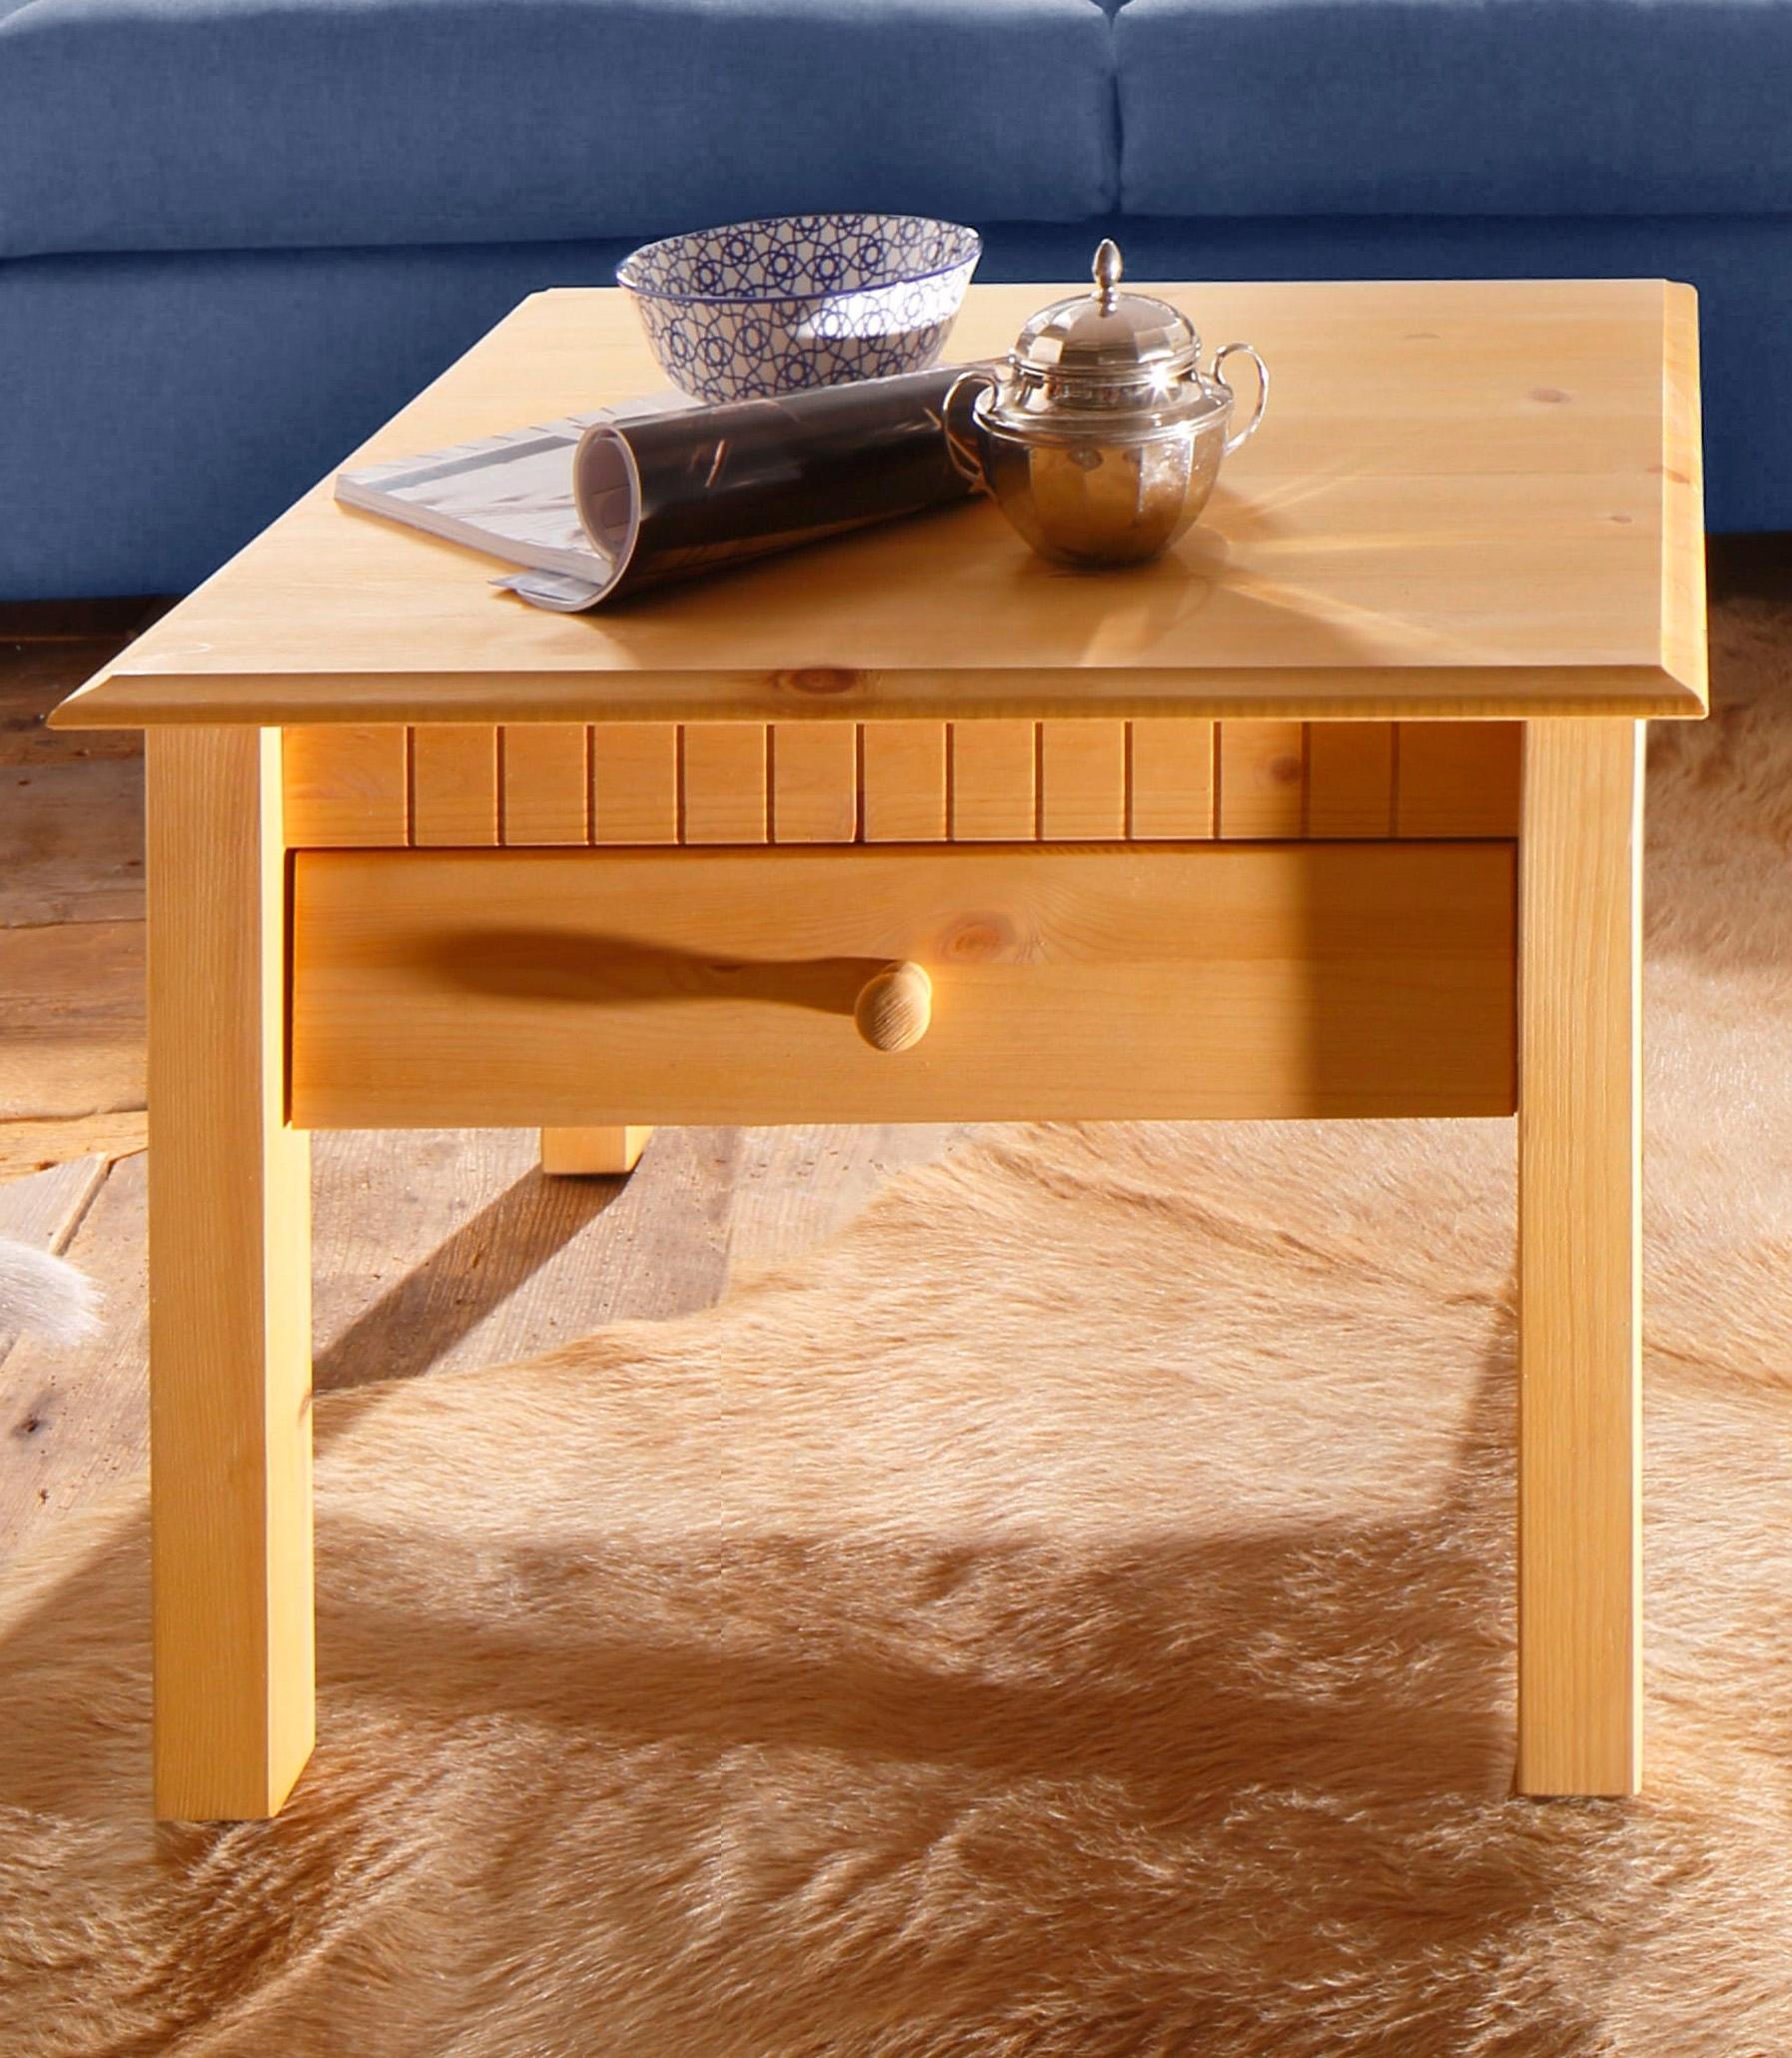 Home Affaire Salontafel breedte 60 cm nu online kopen bij OTTO